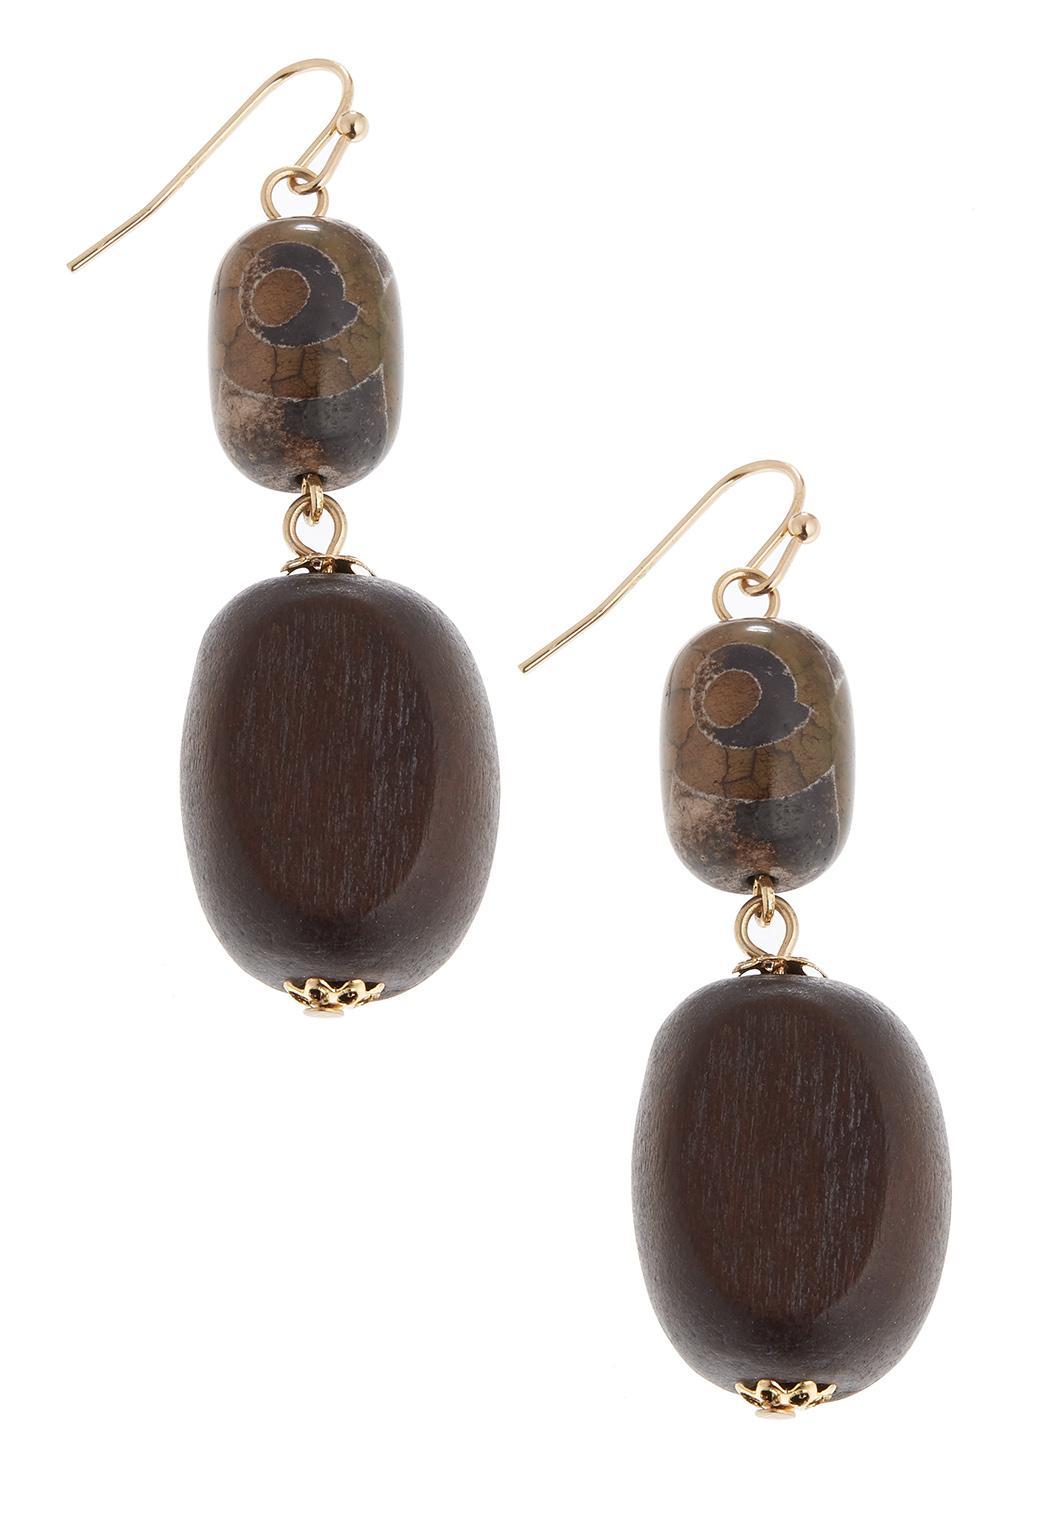 Tiered Wood Bead Earrings